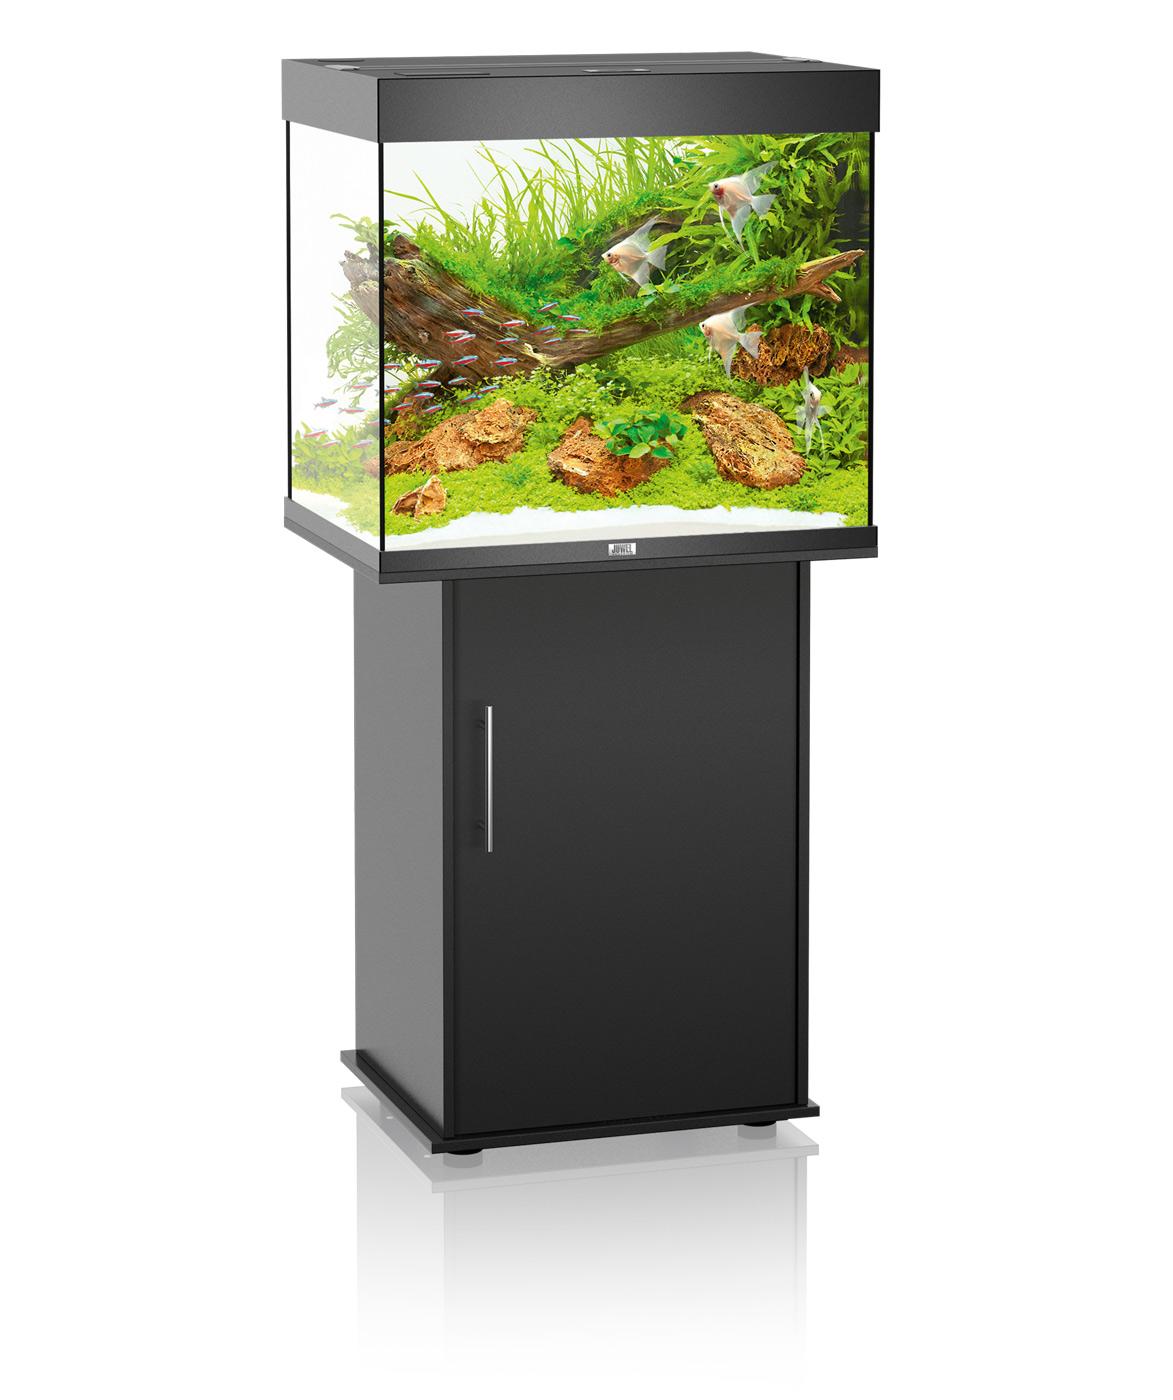 Aquarium juwel lido 200 dim 71 x 51 x 65 cm 200 litres - Aquarium 200 litres avec meuble ...